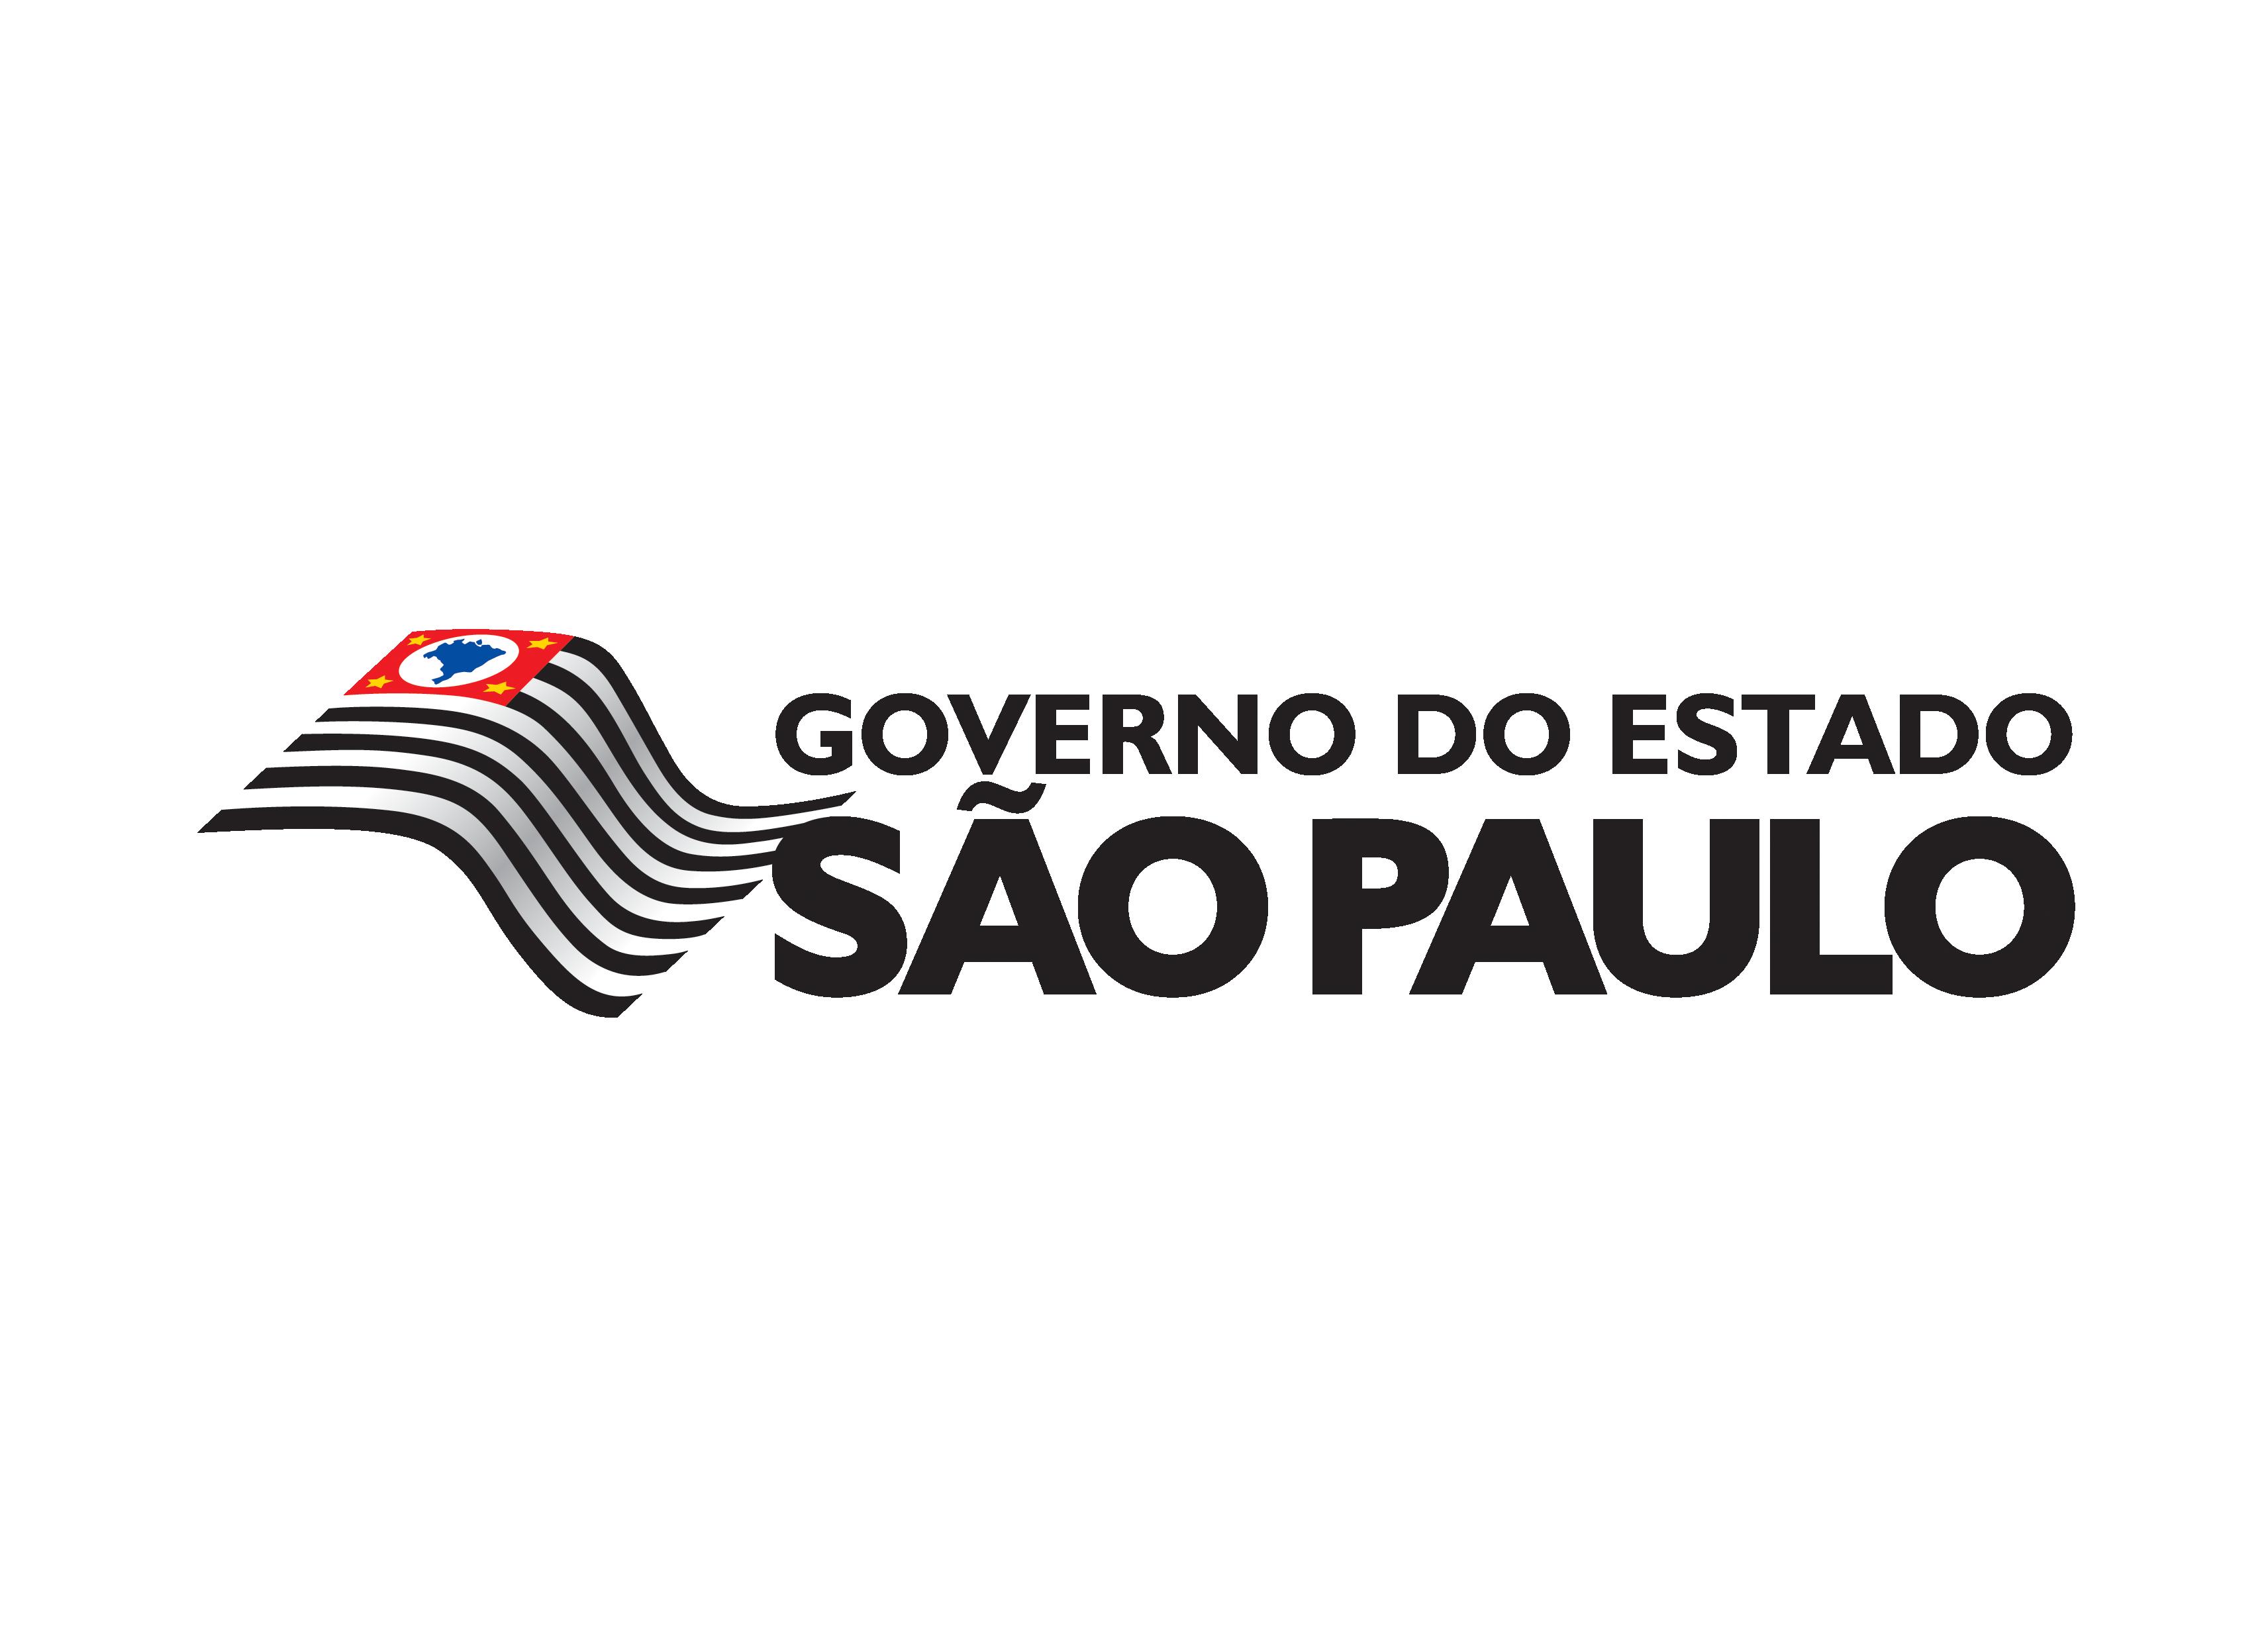 brasao governo estado de são paulo